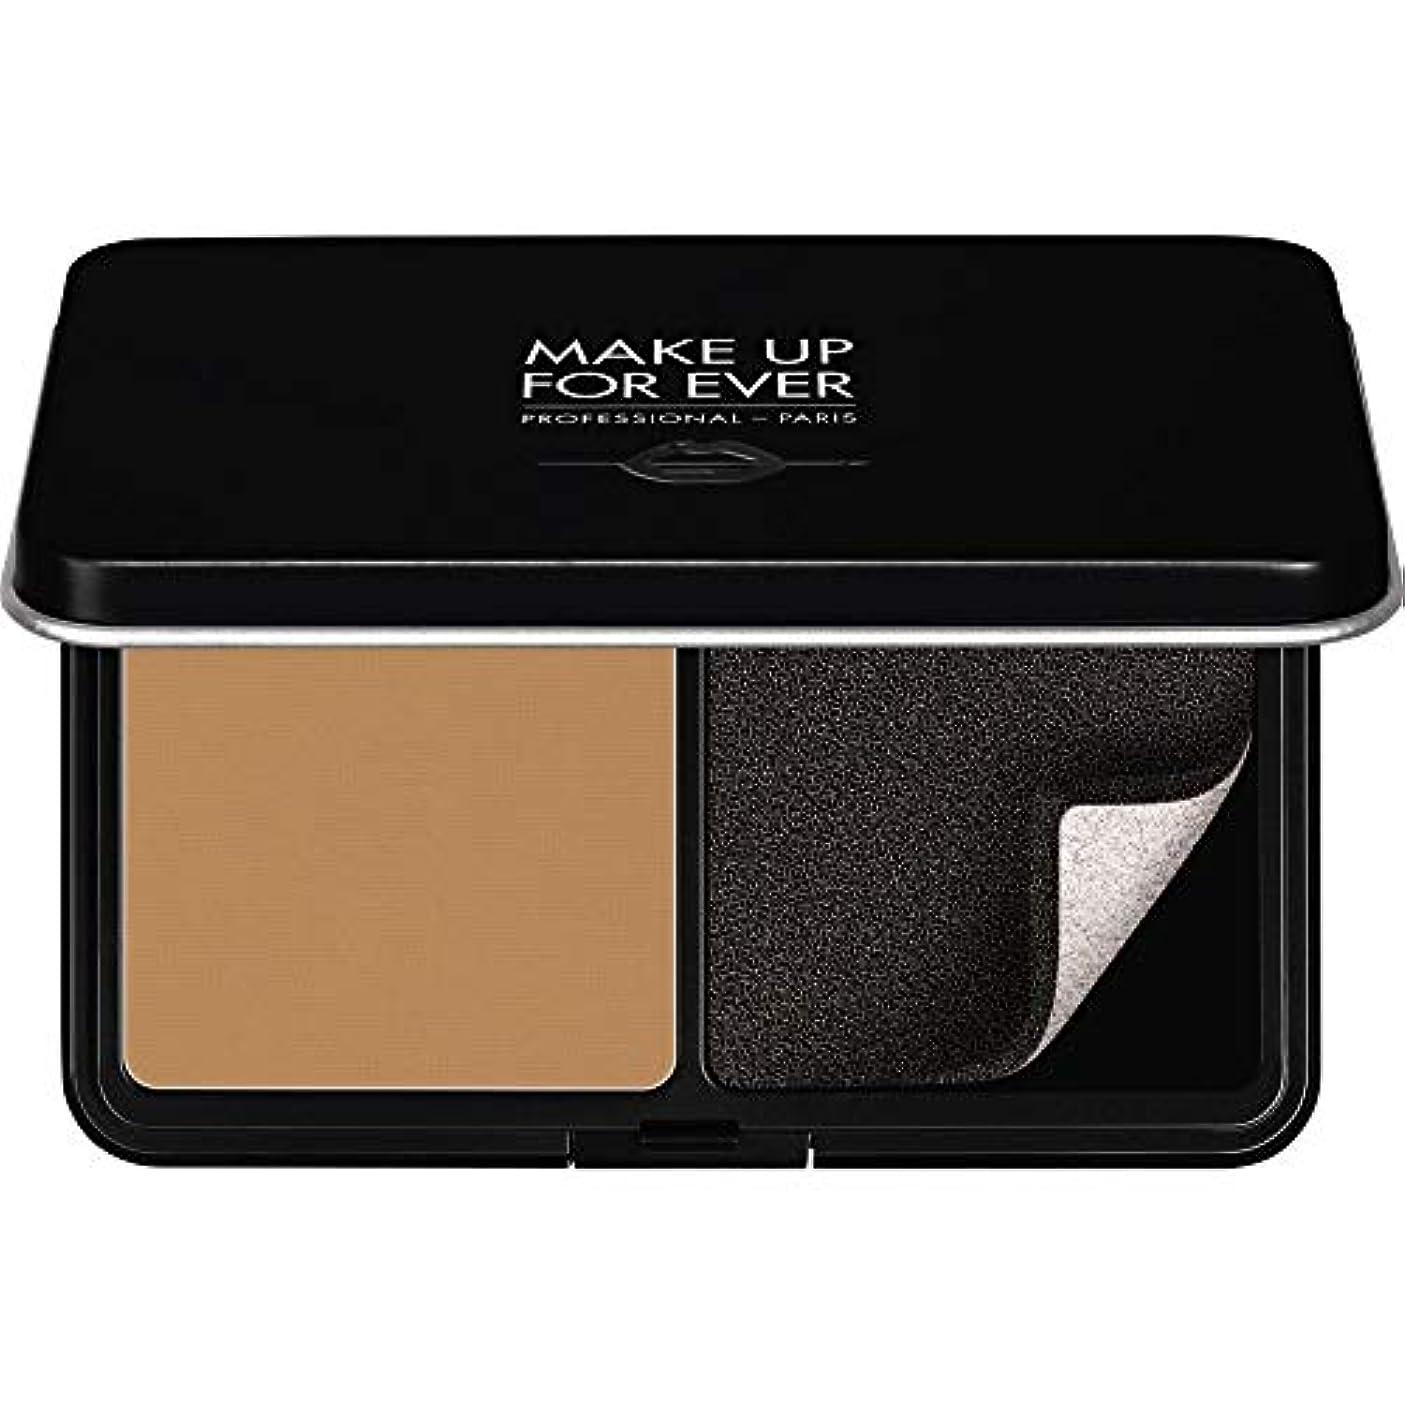 厳密にニコチン調和のとれた[MAKE UP FOR EVER ] パウダーファンデーション11GののY415をぼかし、これまでマットベルベットの肌を補う - アーモンド - MAKE UP FOR EVER Matte Velvet Skin Blurring...